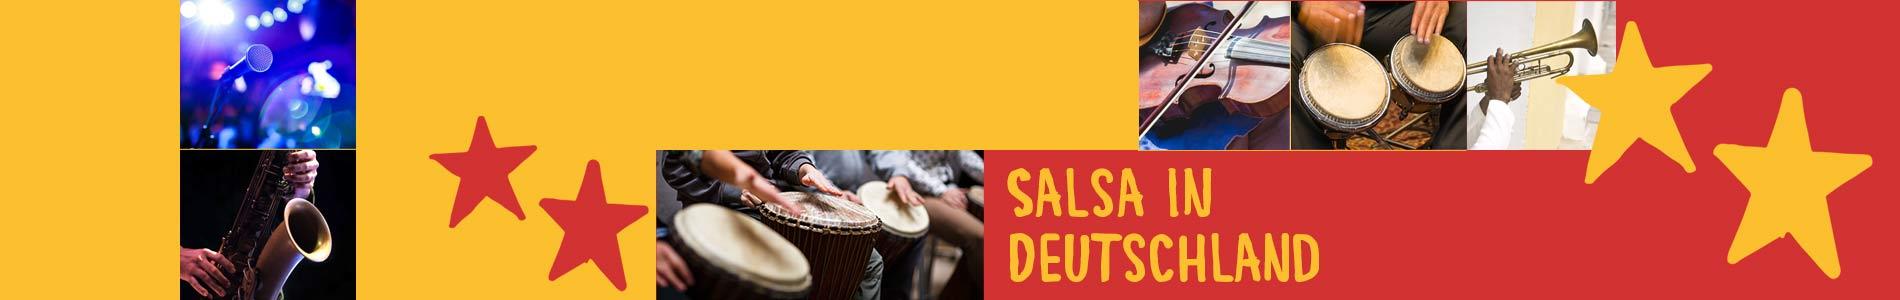 Salsa in Breitenthal – Salsa lernen und tanzen, Tanzkurse, Partys, Veranstaltungen